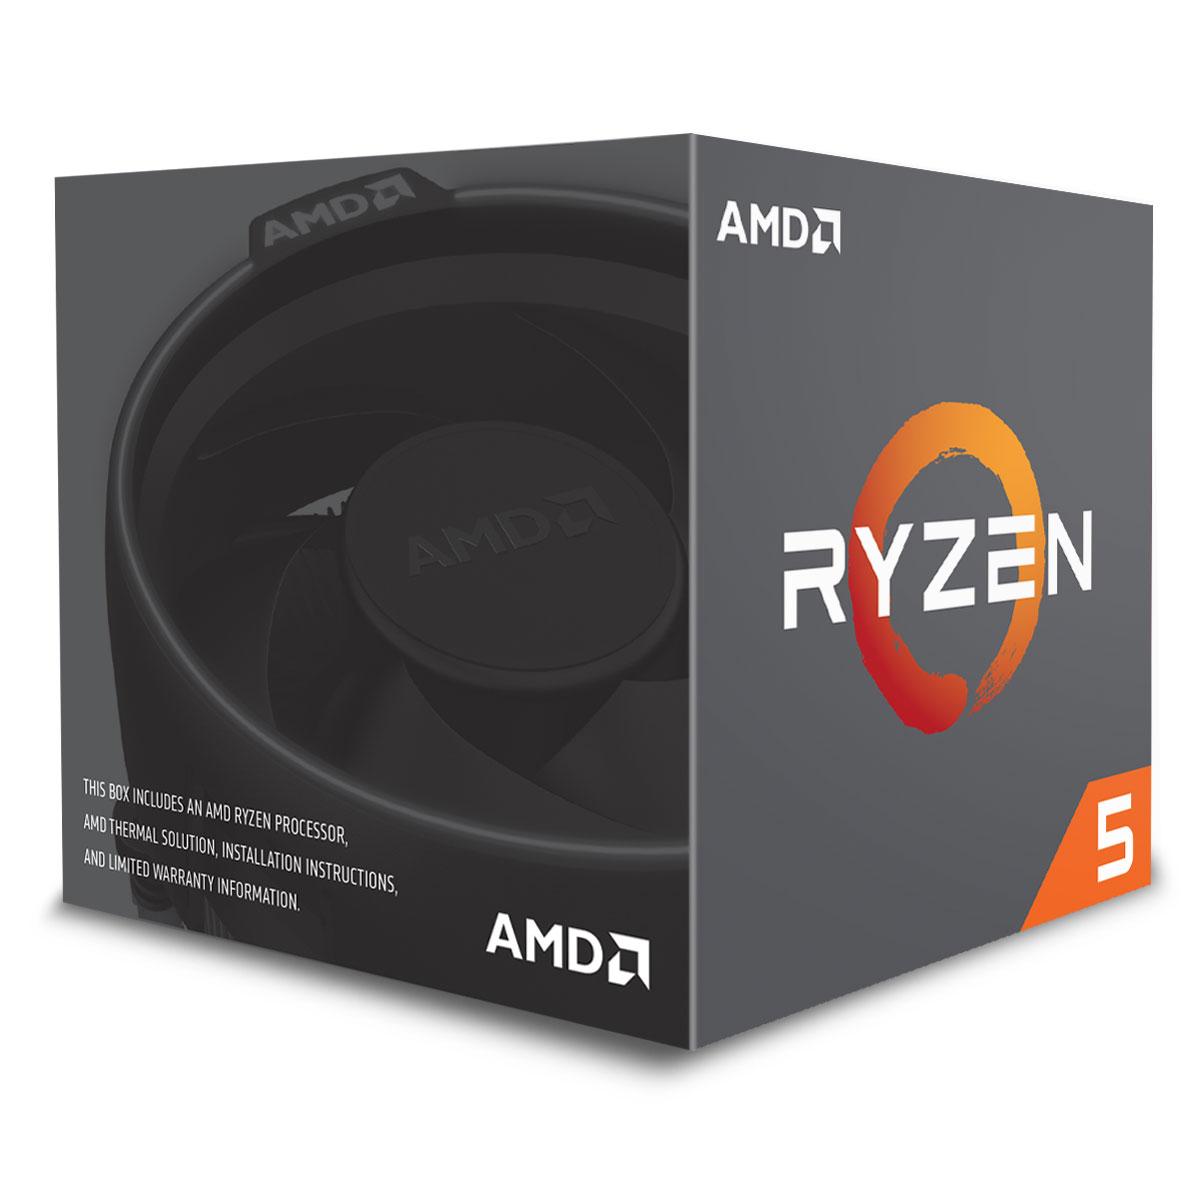 AMD Ryzen 5 2600 Wraith Stealth Edition (3.4 GHz) Processeur 6-Core socket  AM4 Cache L3 16 Mo 0.012 micron TDP 65W avec système de refroidissement  (version ... 475369f06f21